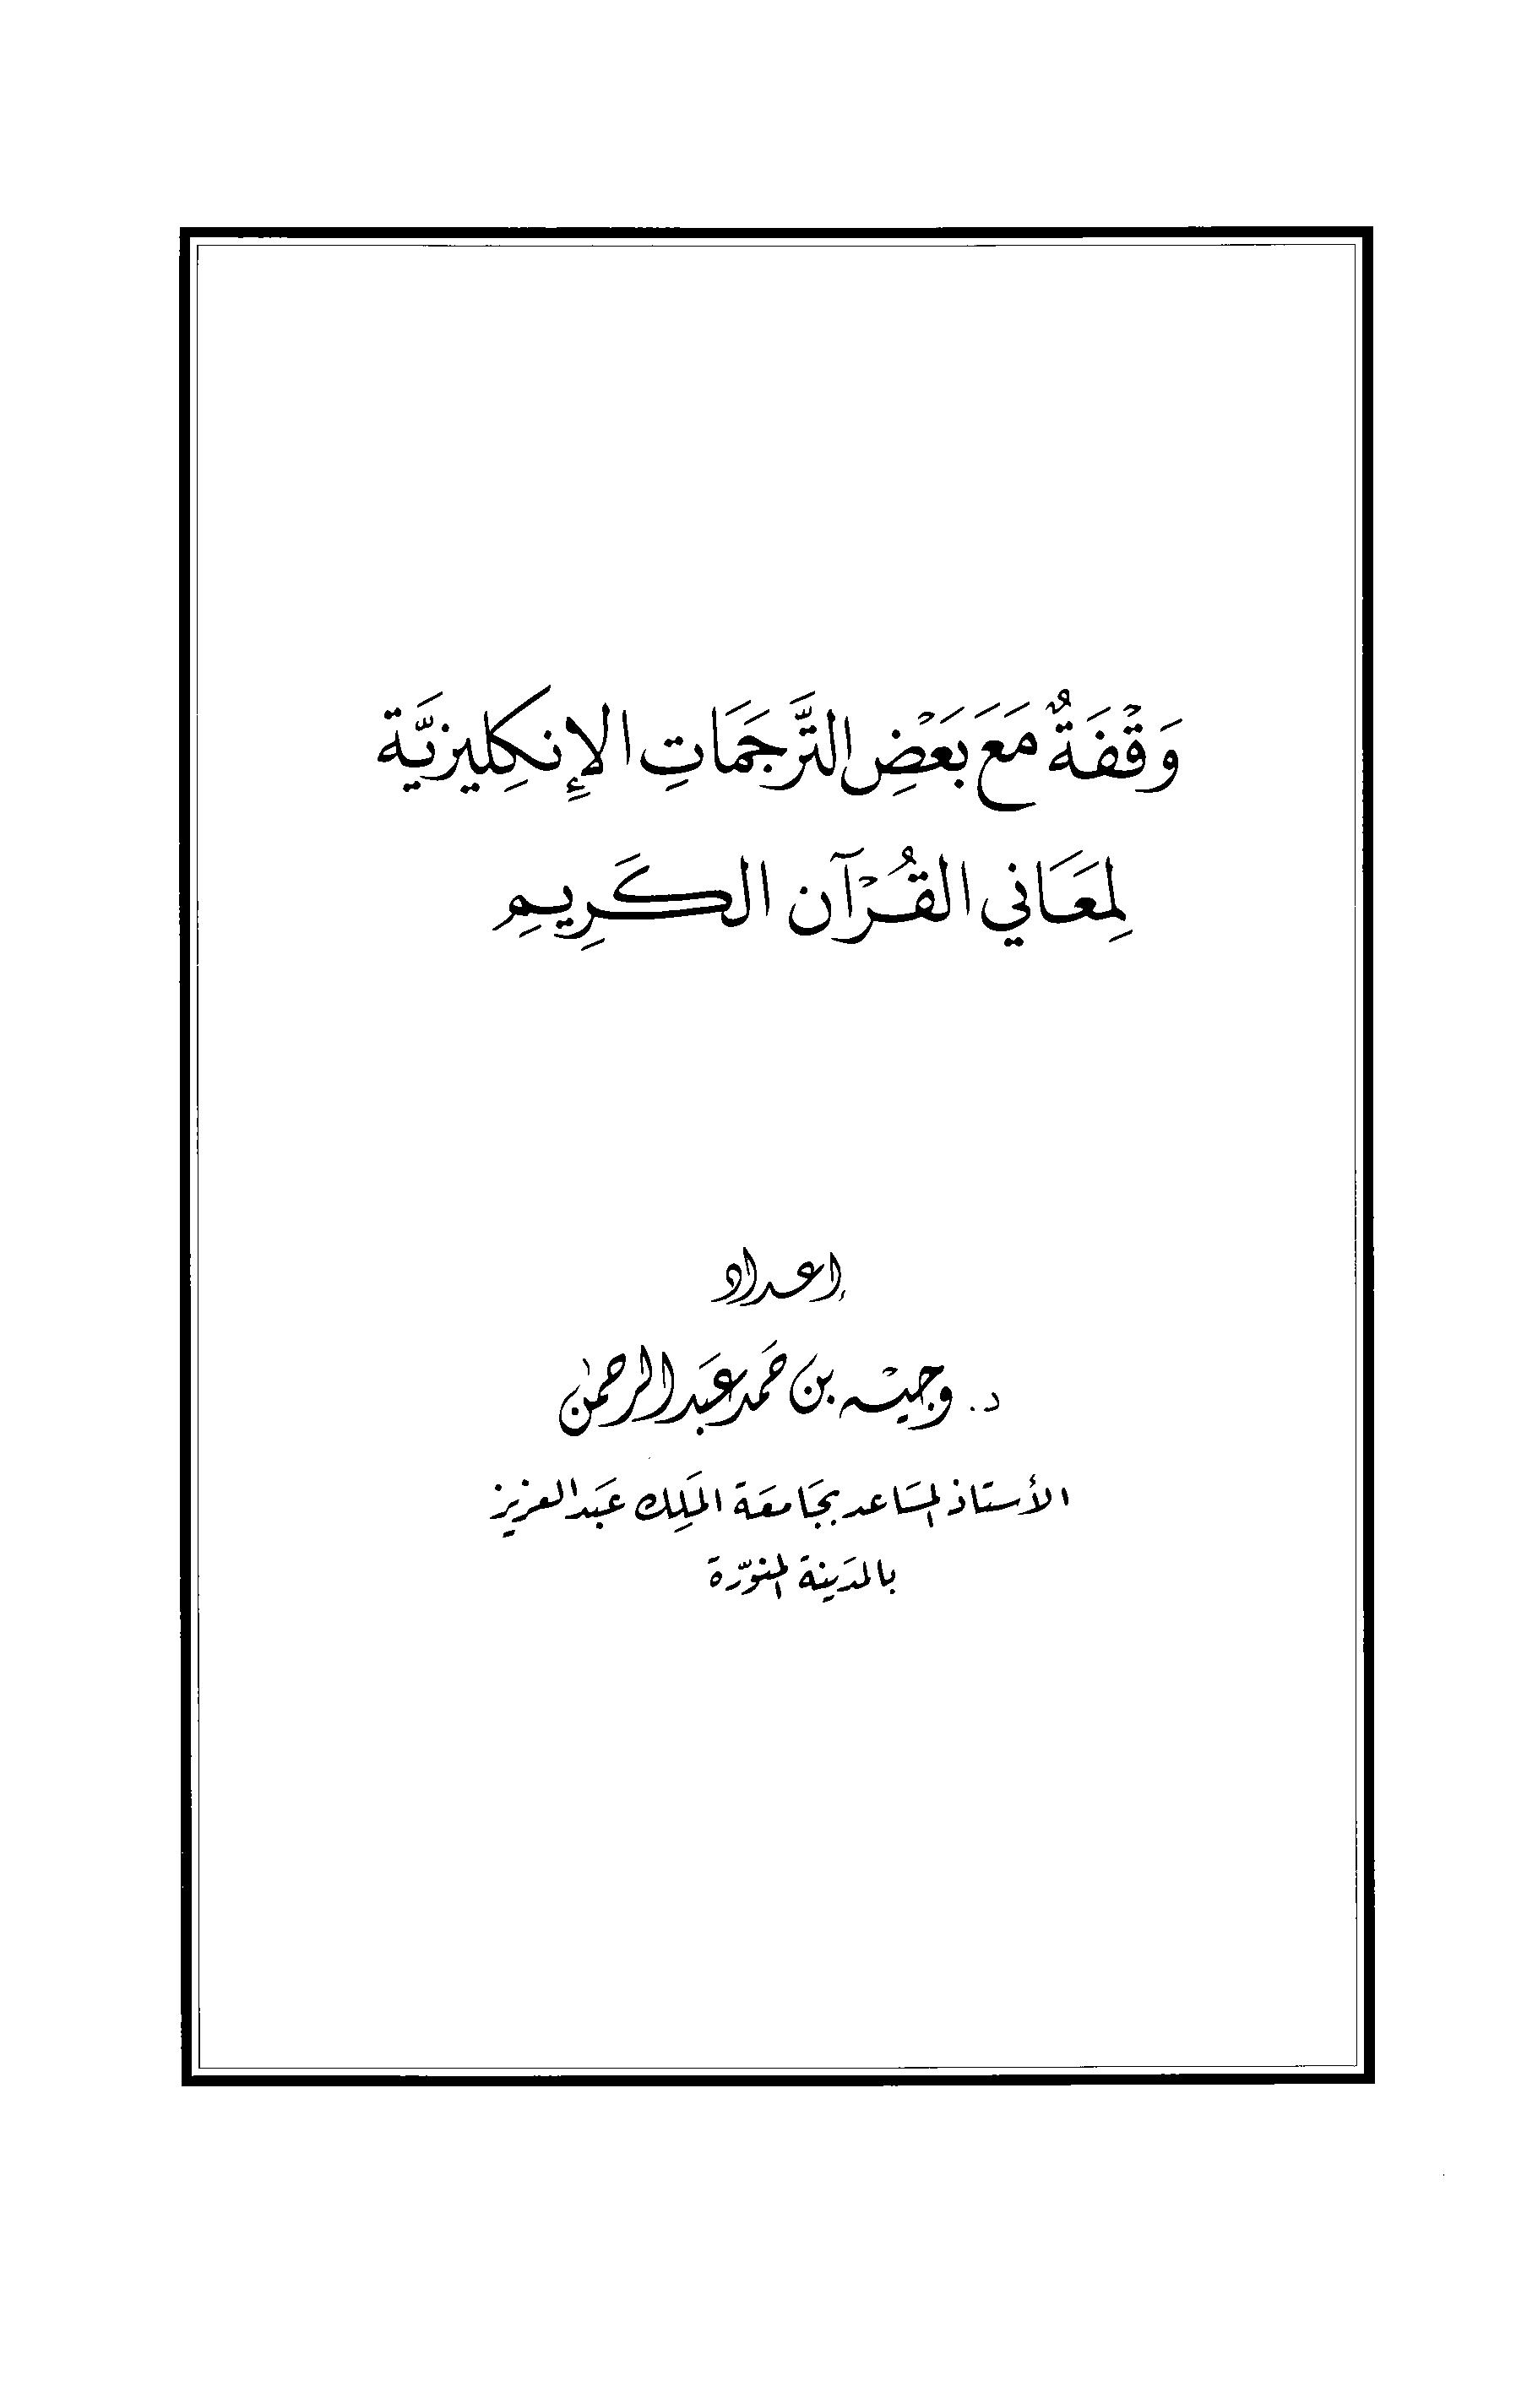 كتاب  وقفة مع بعض الترجمات الإنجليزية لمعاني القرآن الكريم